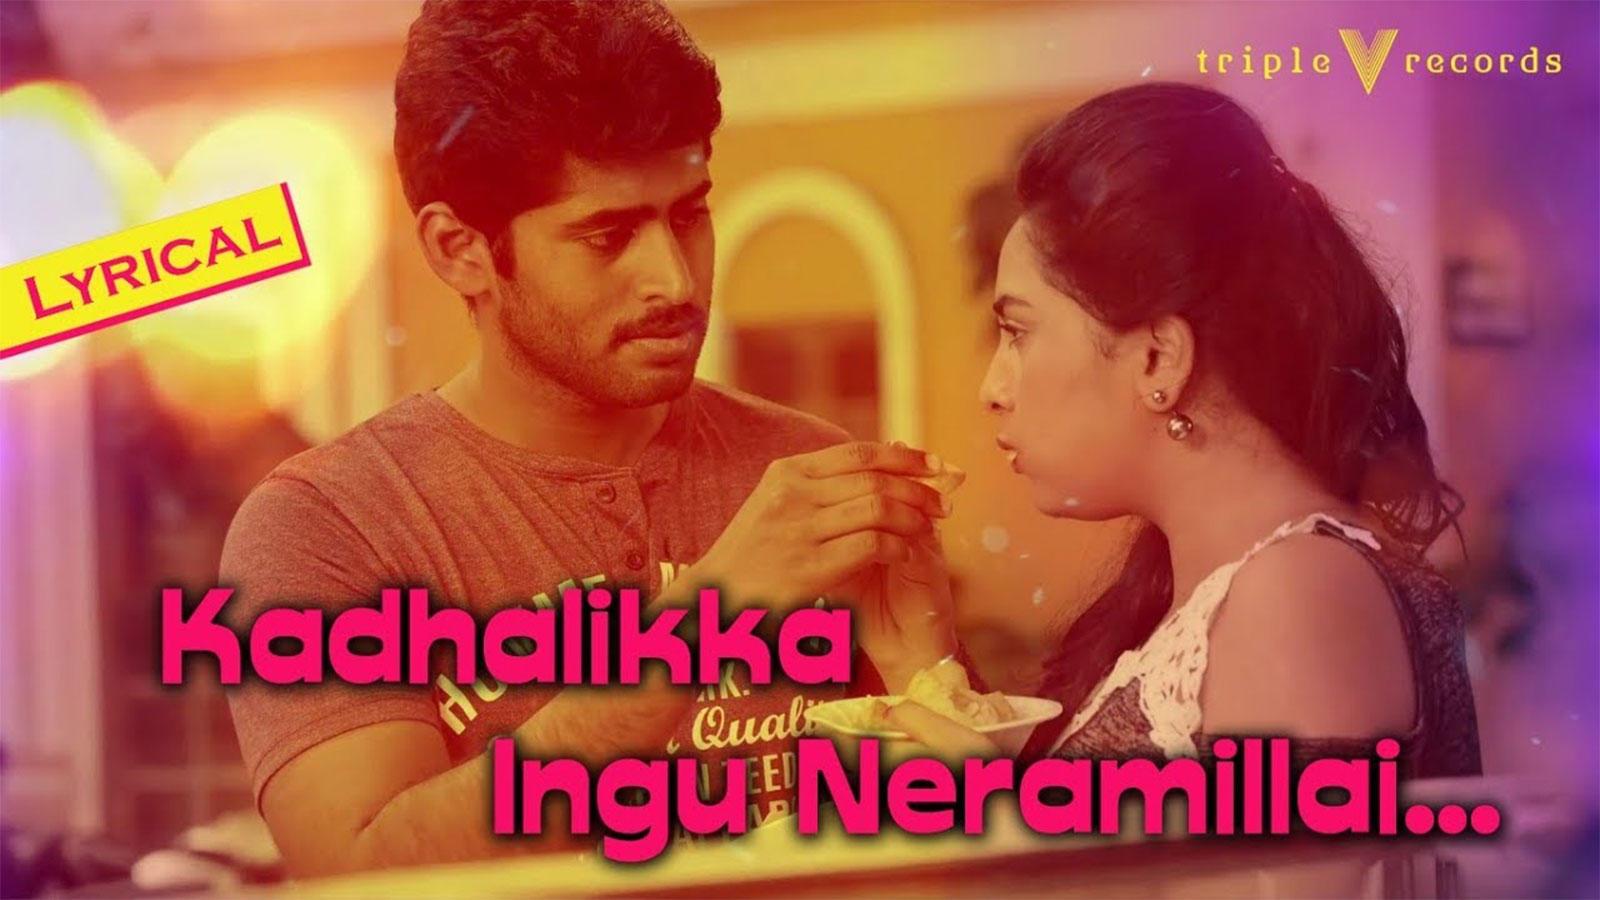 Kadhalikka Ingu Neramillai Song lyrics – Sathru